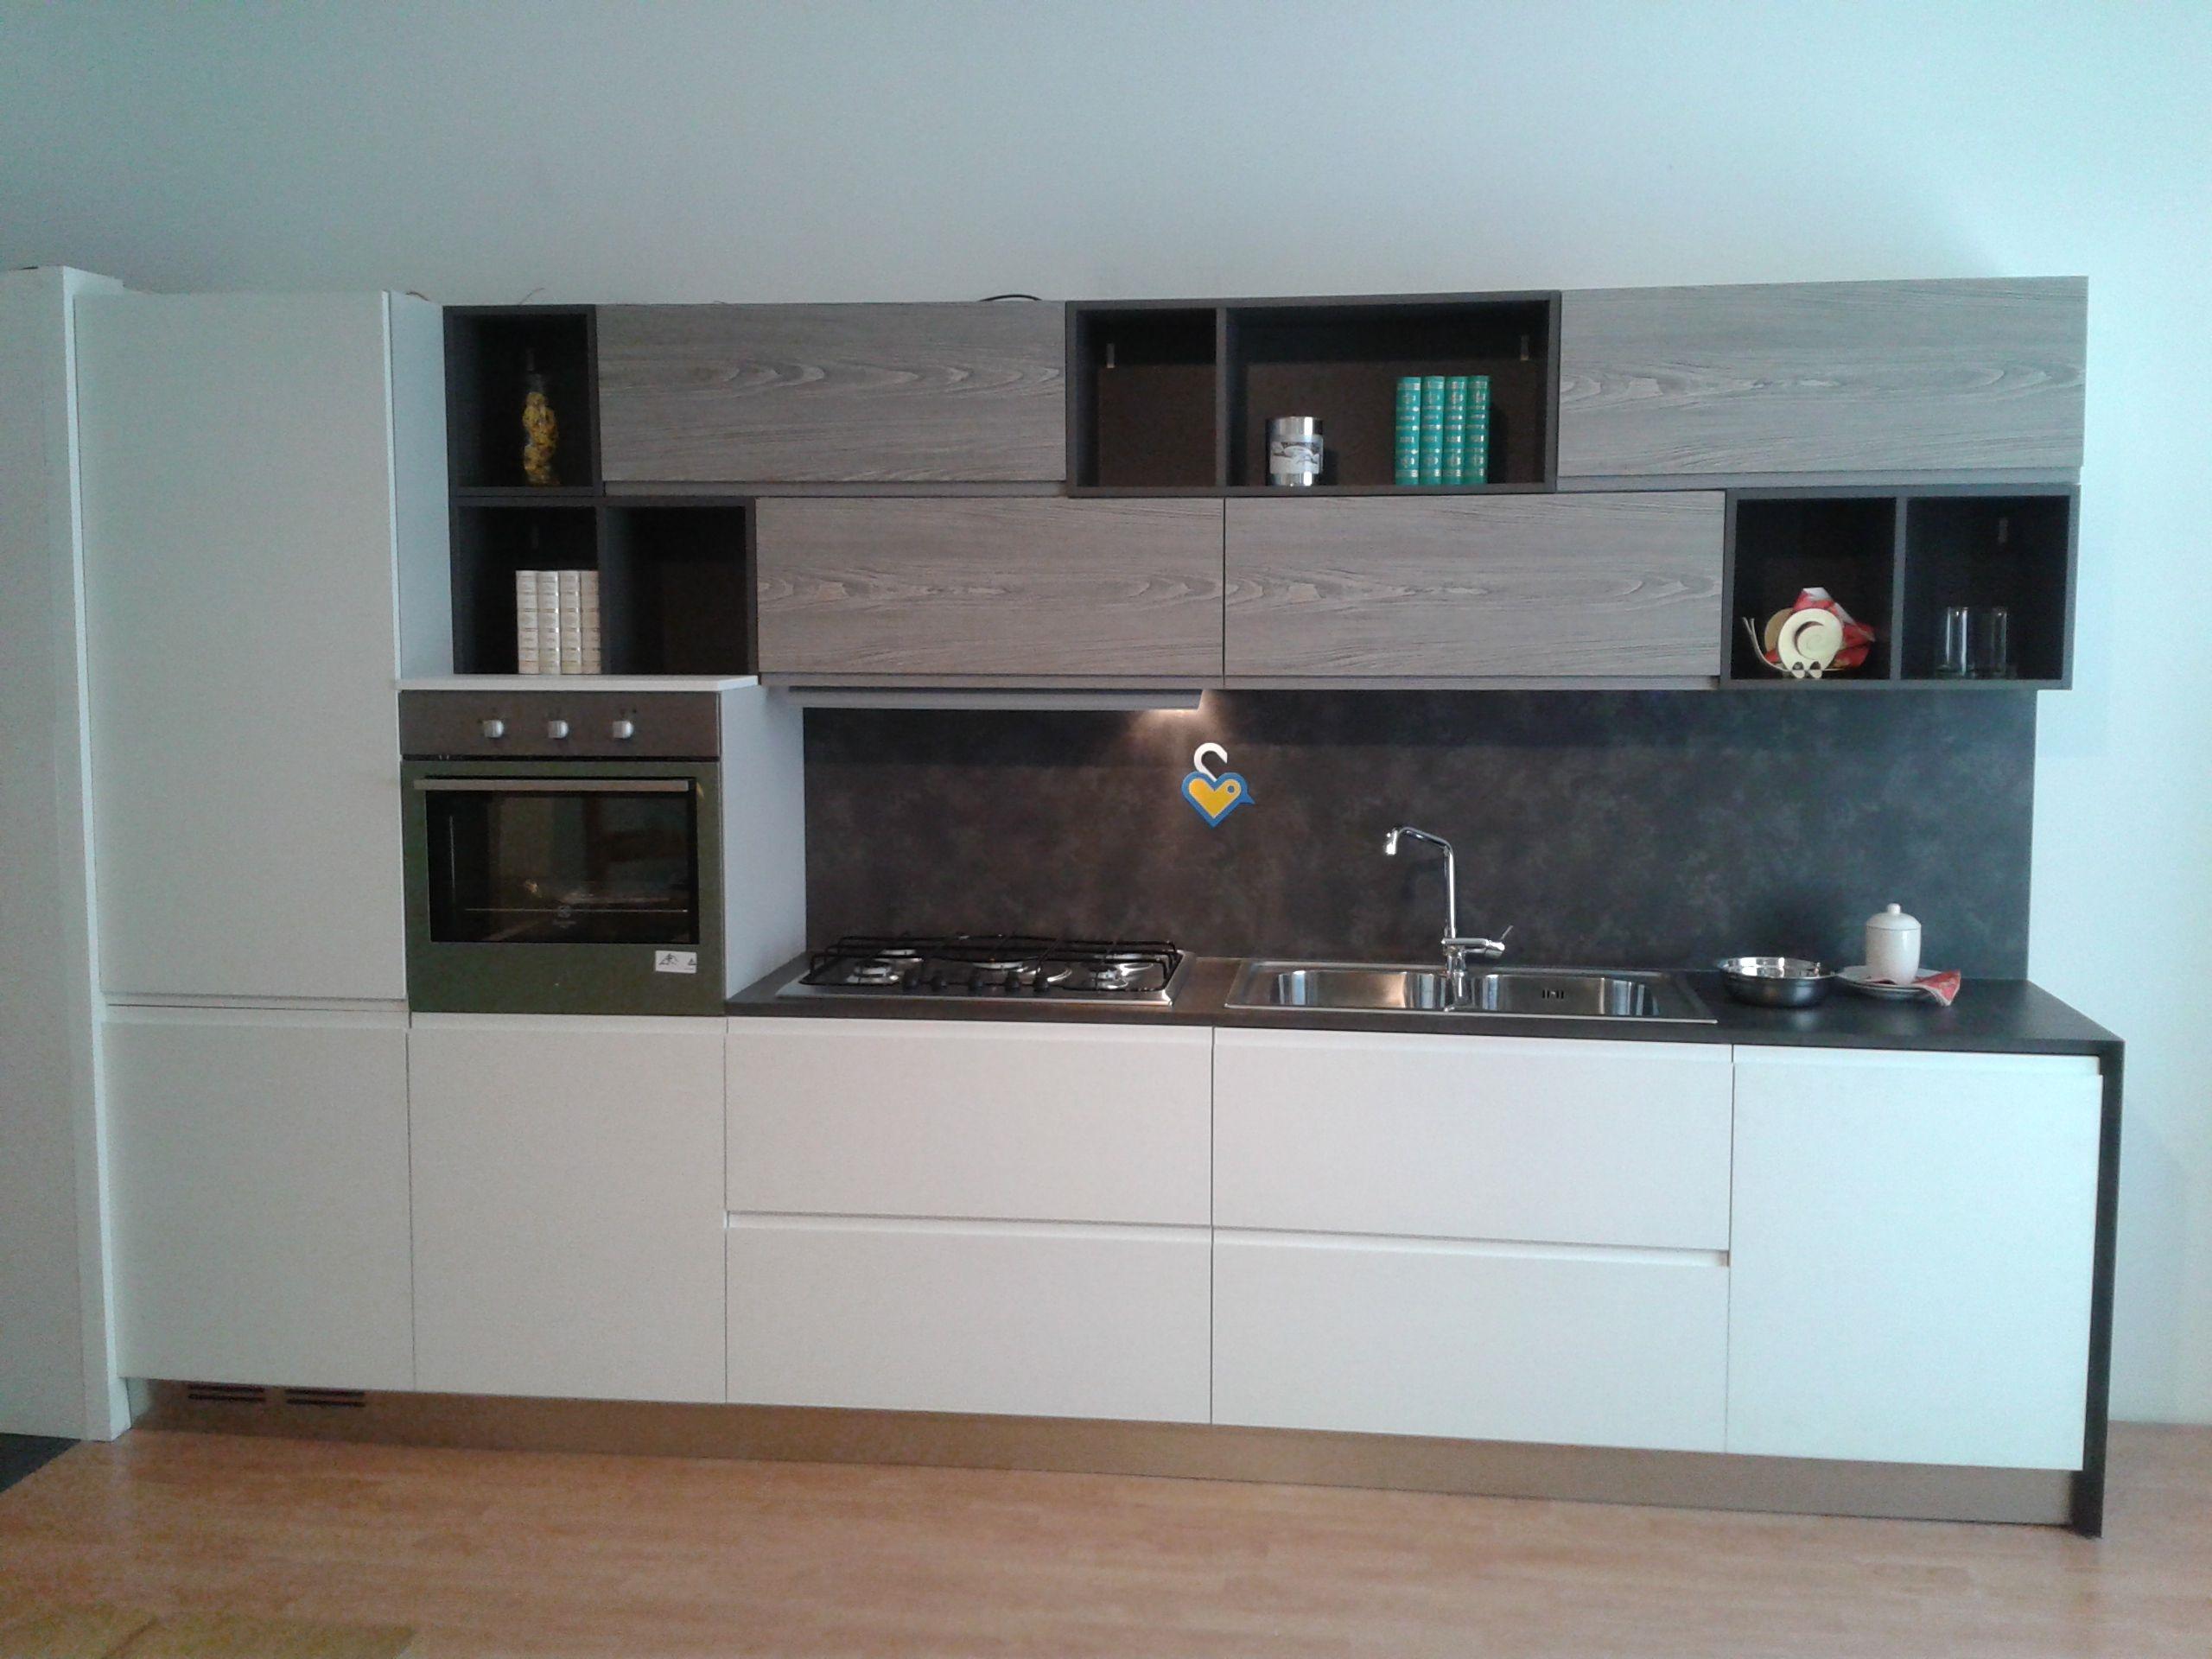 Cucine Massa Carrara: Offerte Online a Prezzi Scontati